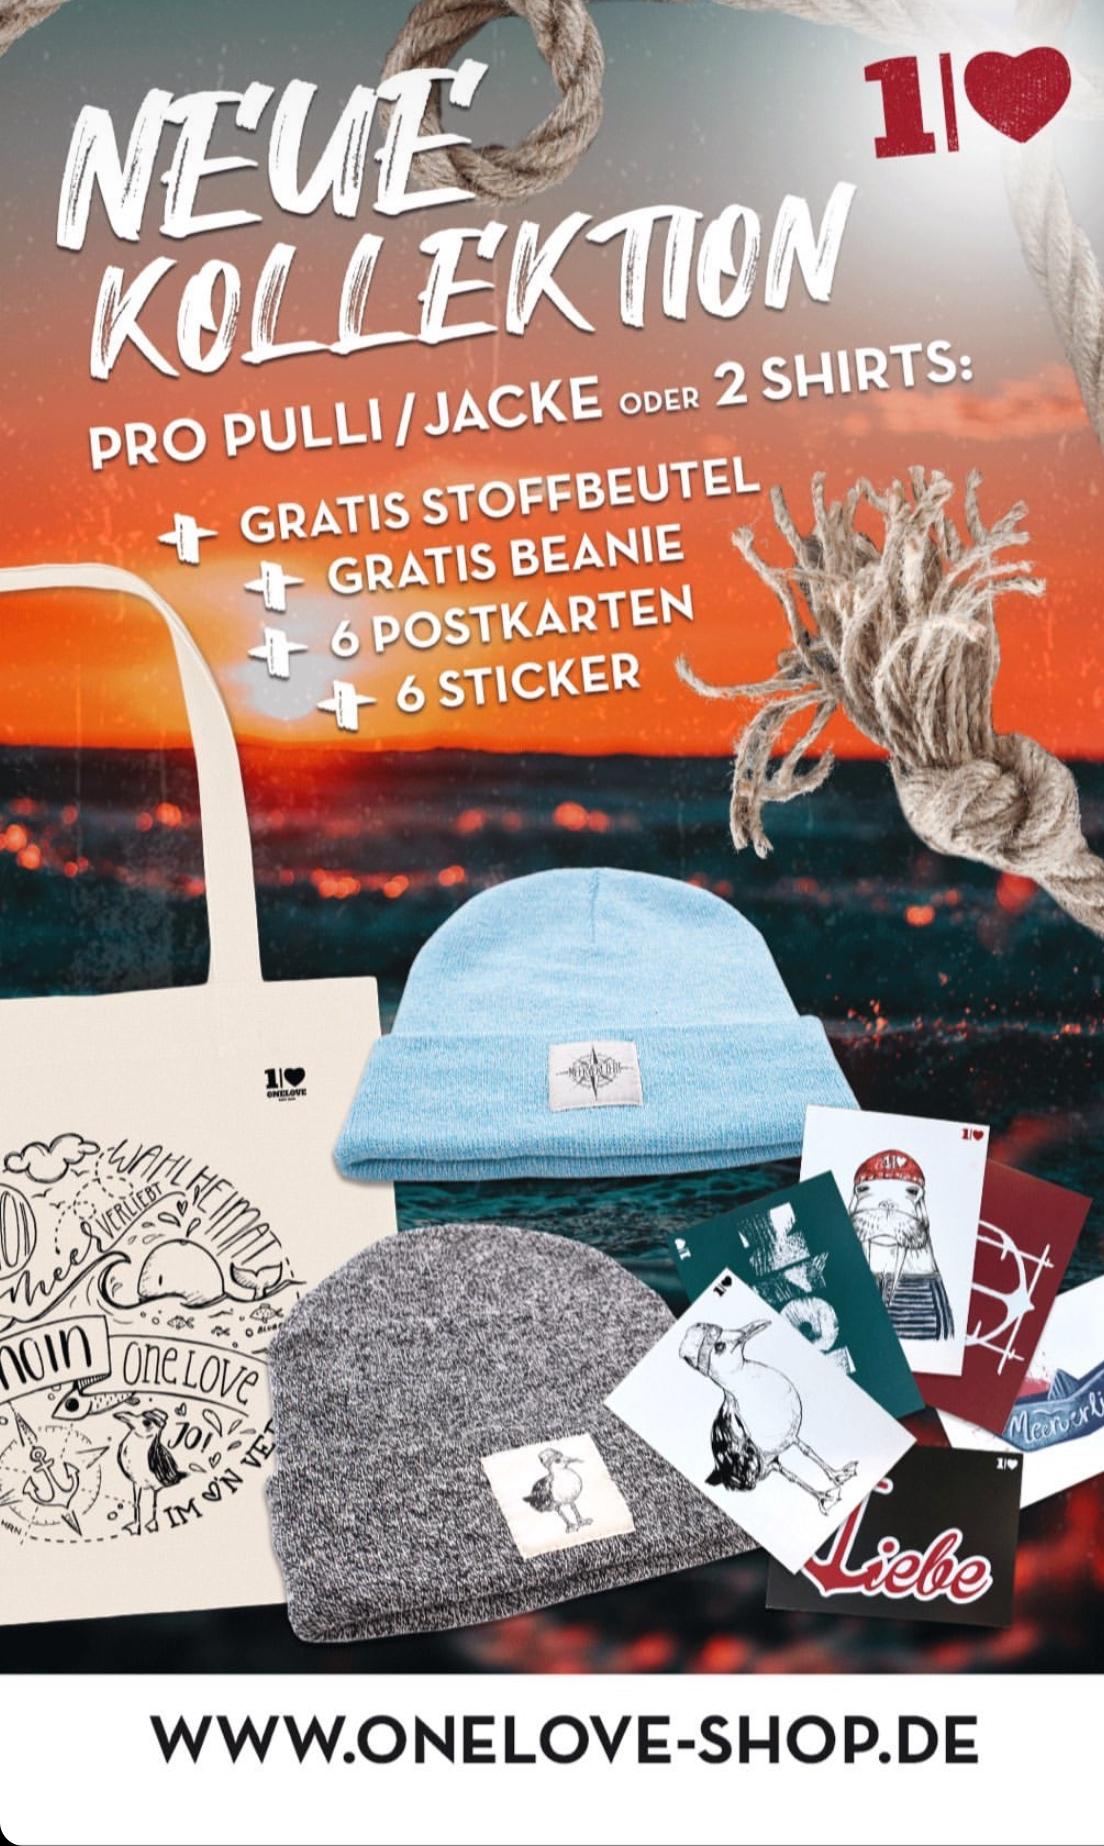 25% im ONELOVE Shop/Fairtrade Kleidung + Gratis Mütze und Stoffbeutel bei Pulli/Jacke Kauf